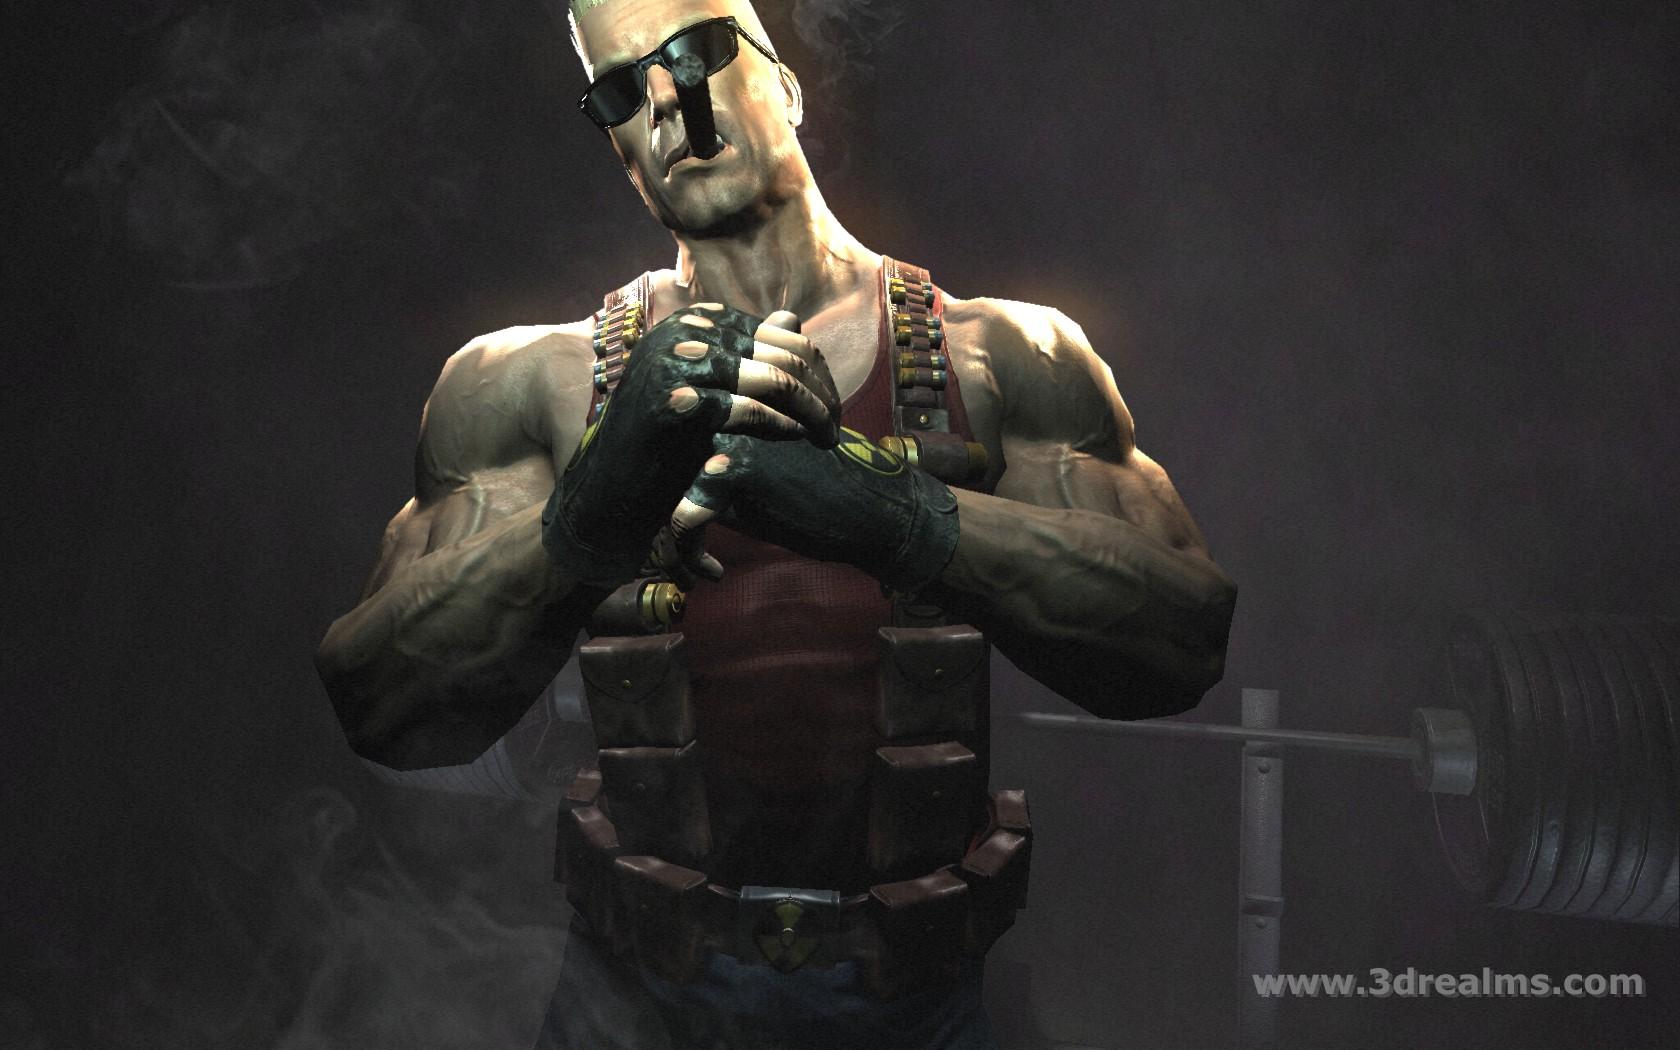 Duke Nukem Forever lebt: Bild zum Spiel, Video in Kürze -